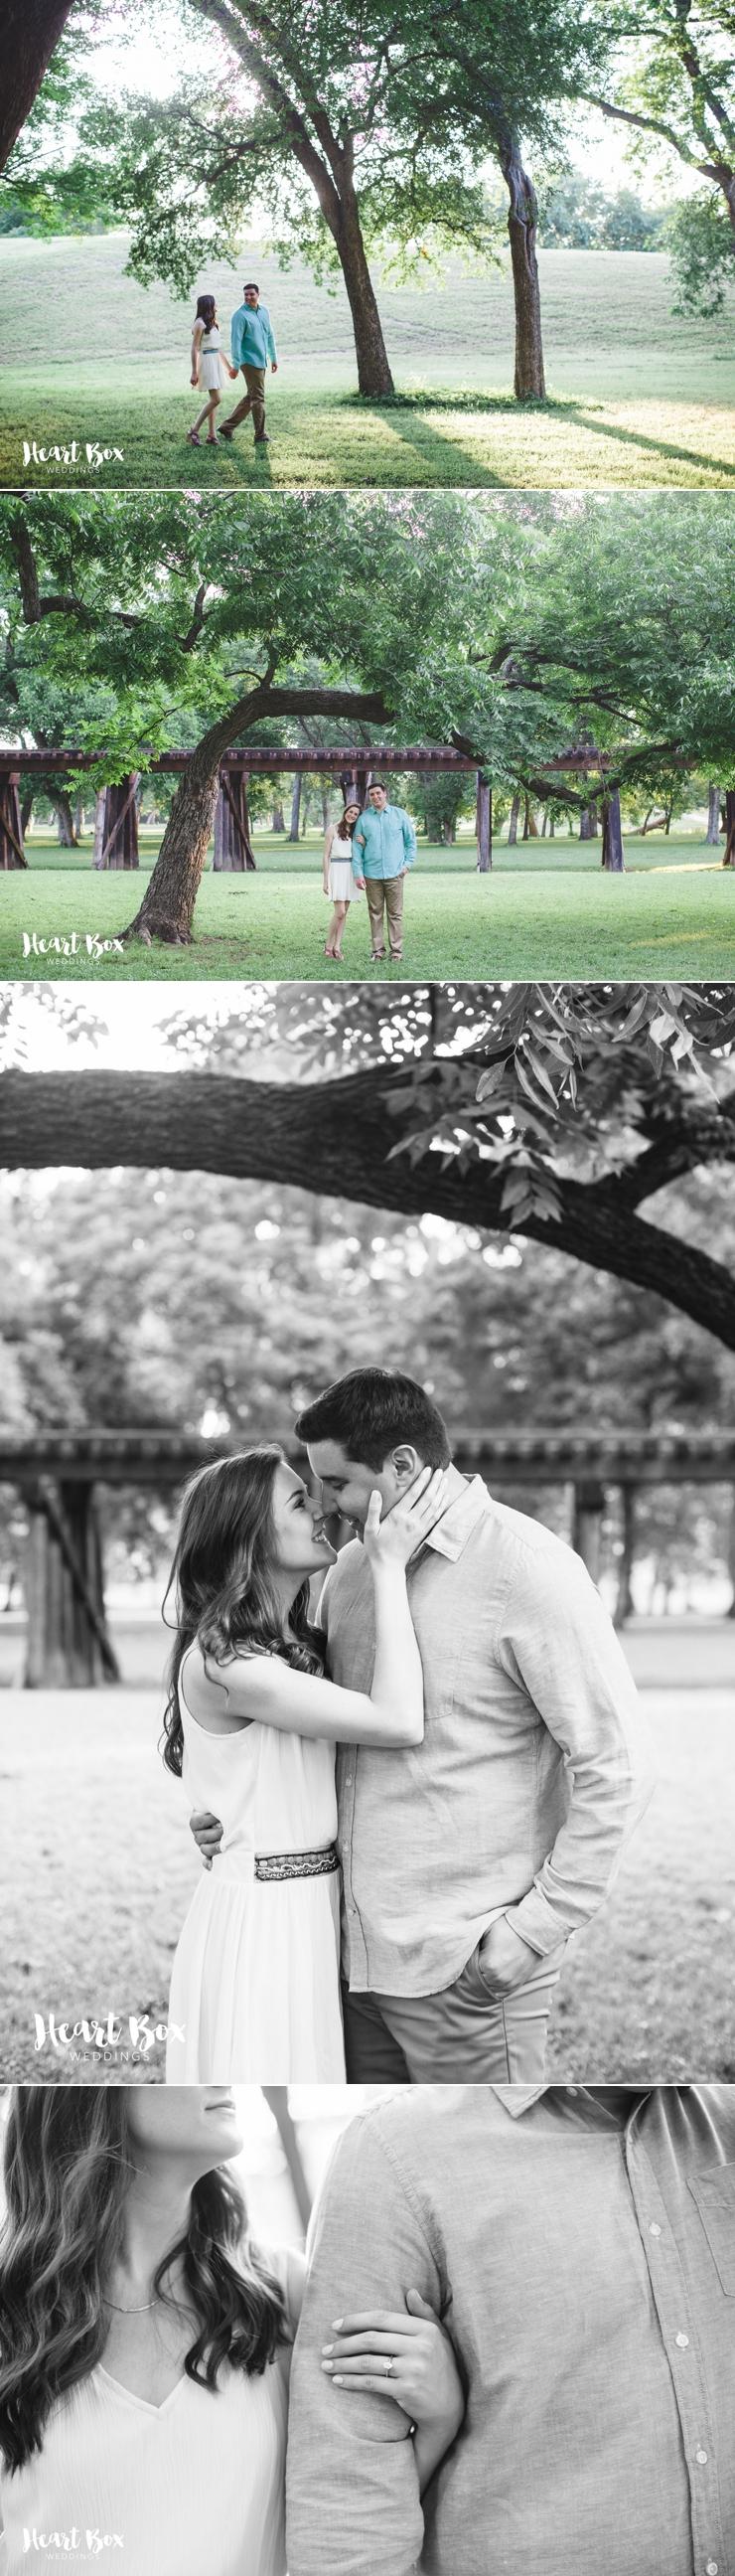 Jill Zach Engagement Blog Collages 5.jpg